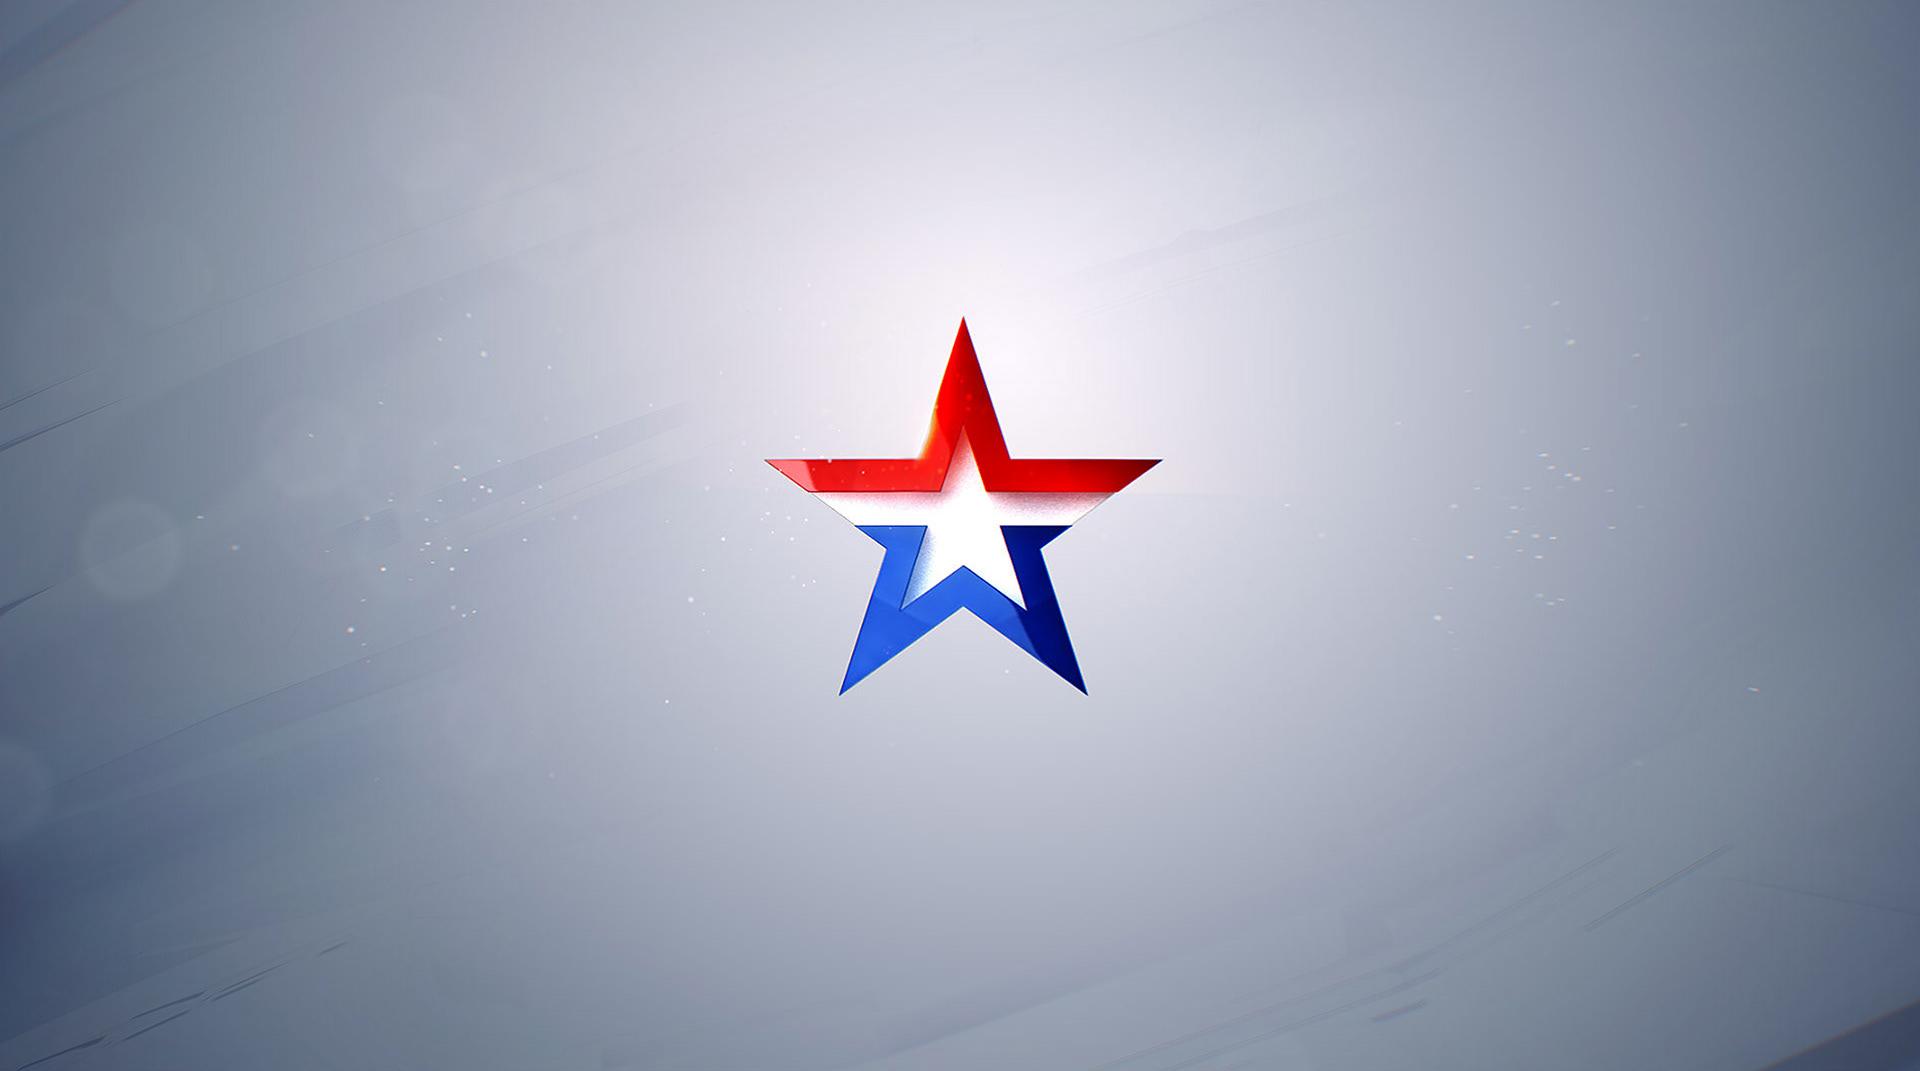 Открытки со звездами россия, поздравления